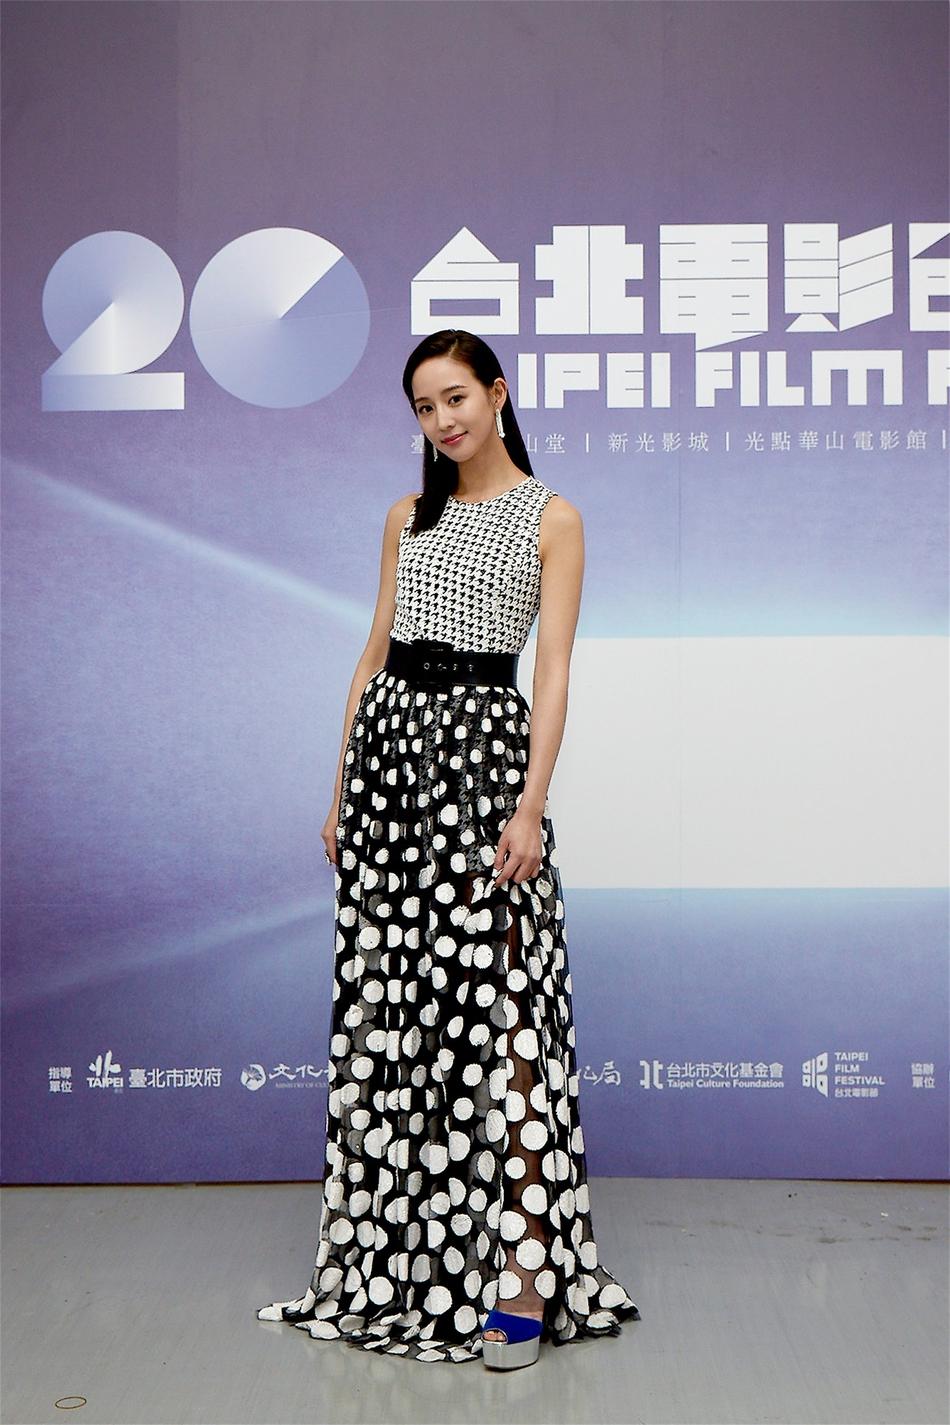 张钧甯出席台北电影节 黑白礼服优雅干练